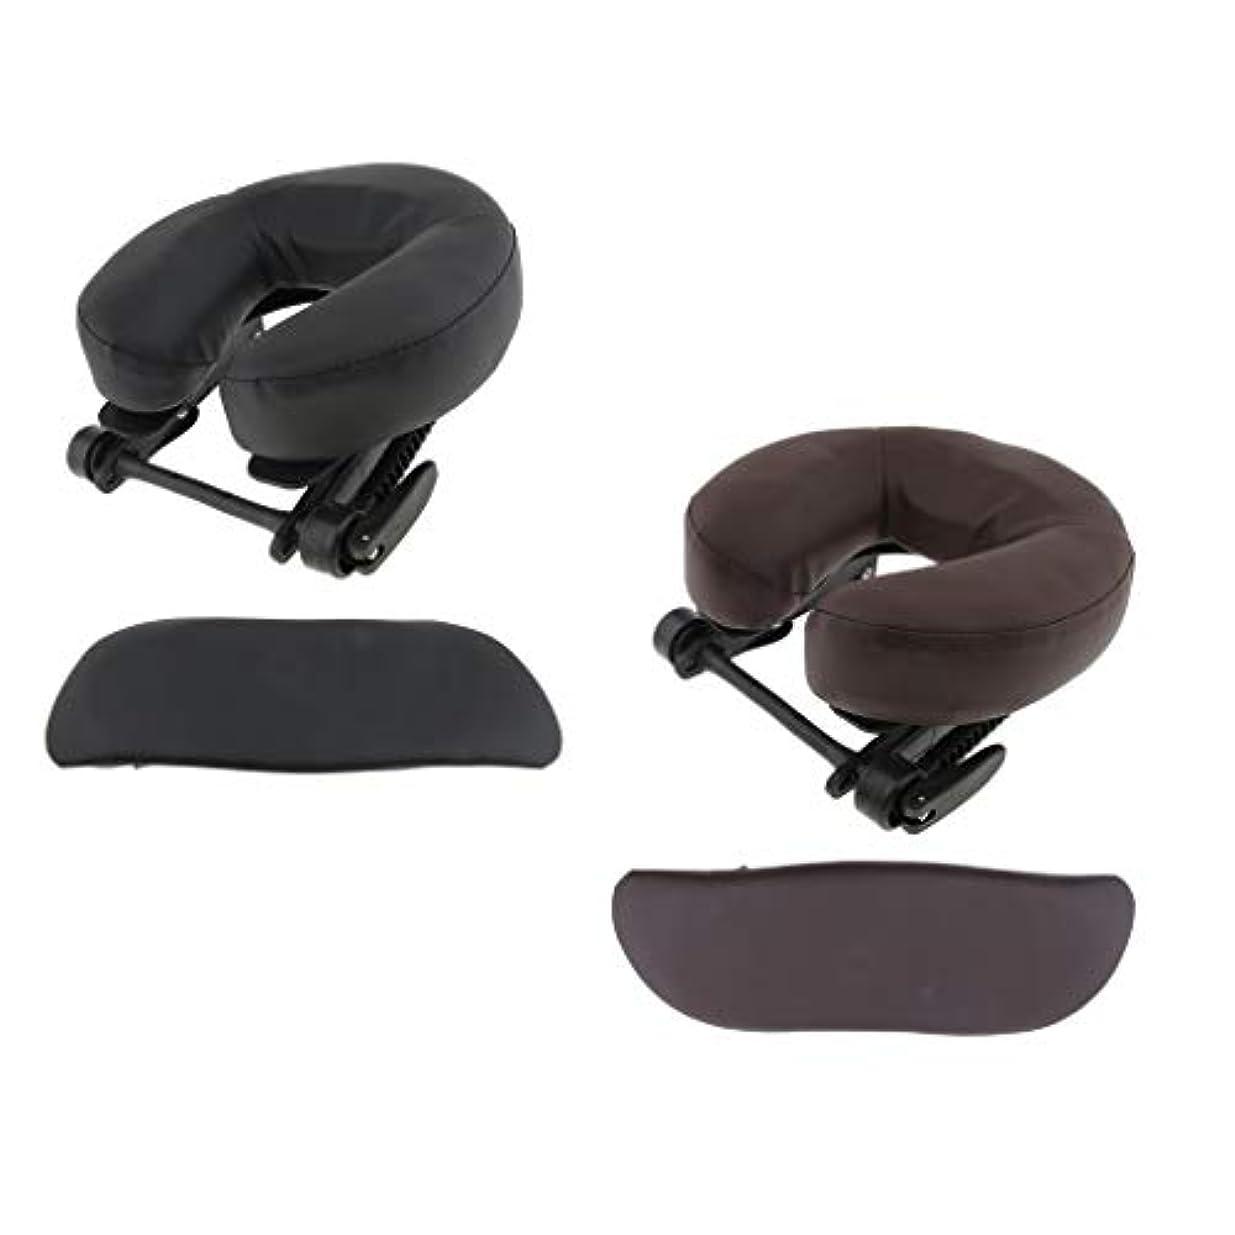 並外れた再生アルファベットHellery 顔枕 マッサージ用 ボディマッサージ フェイスピロー フェイスピロー 枕 フェイスクレードルクッション - ブラウン+ブラック